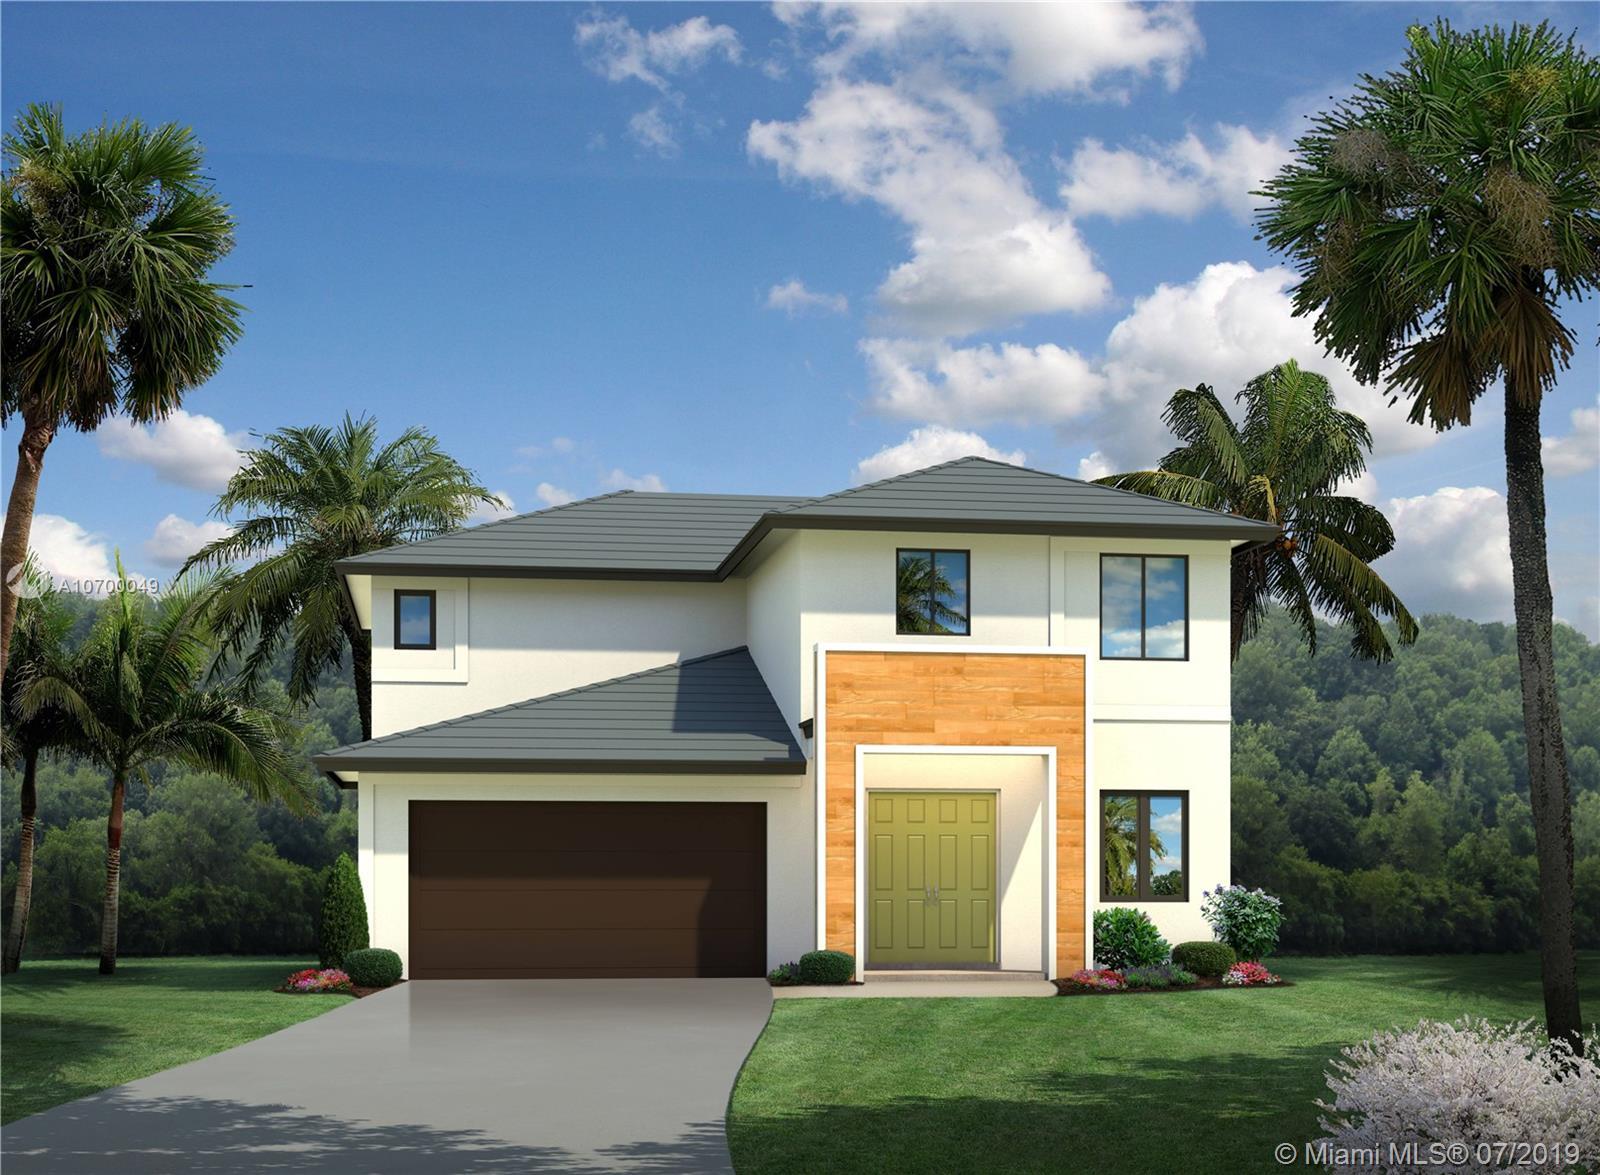 23529 SW 106th Pl, Miami, FL 33032 - Miami, FL real estate listing